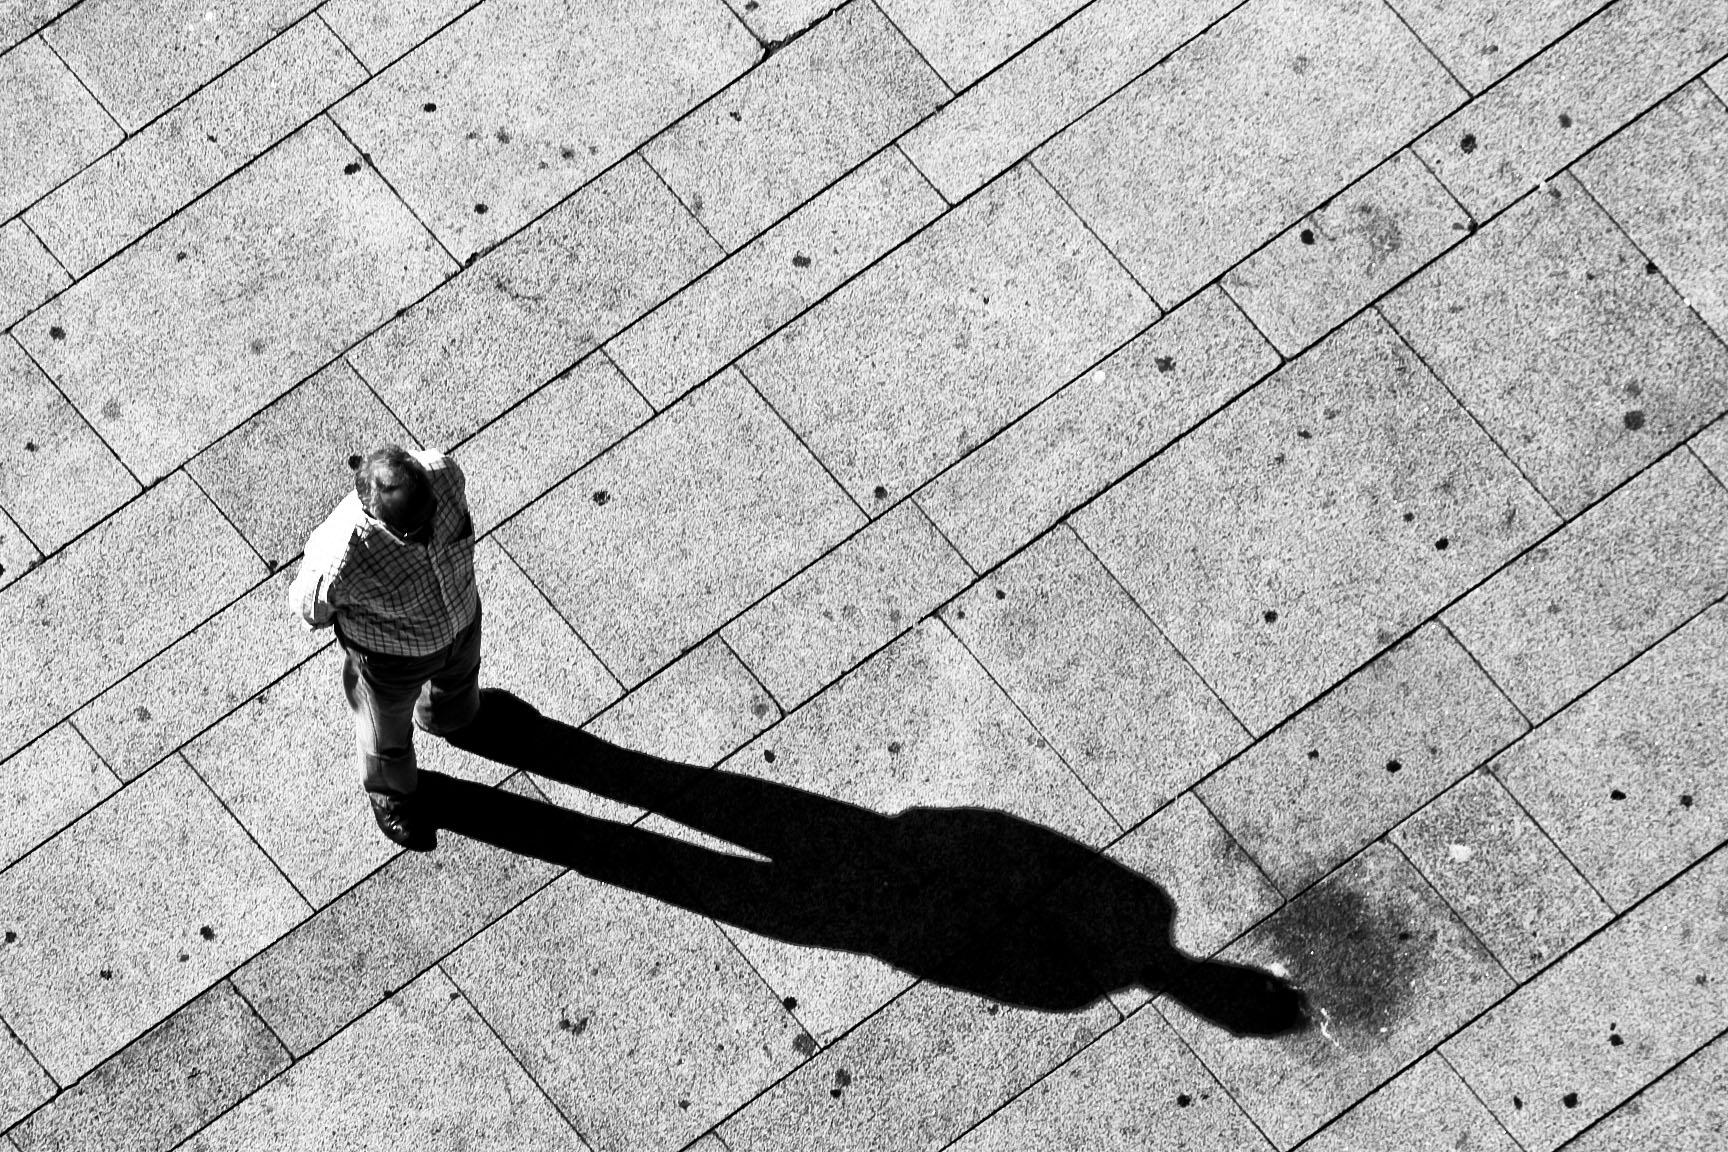 sombra_humana_by_fotogenia